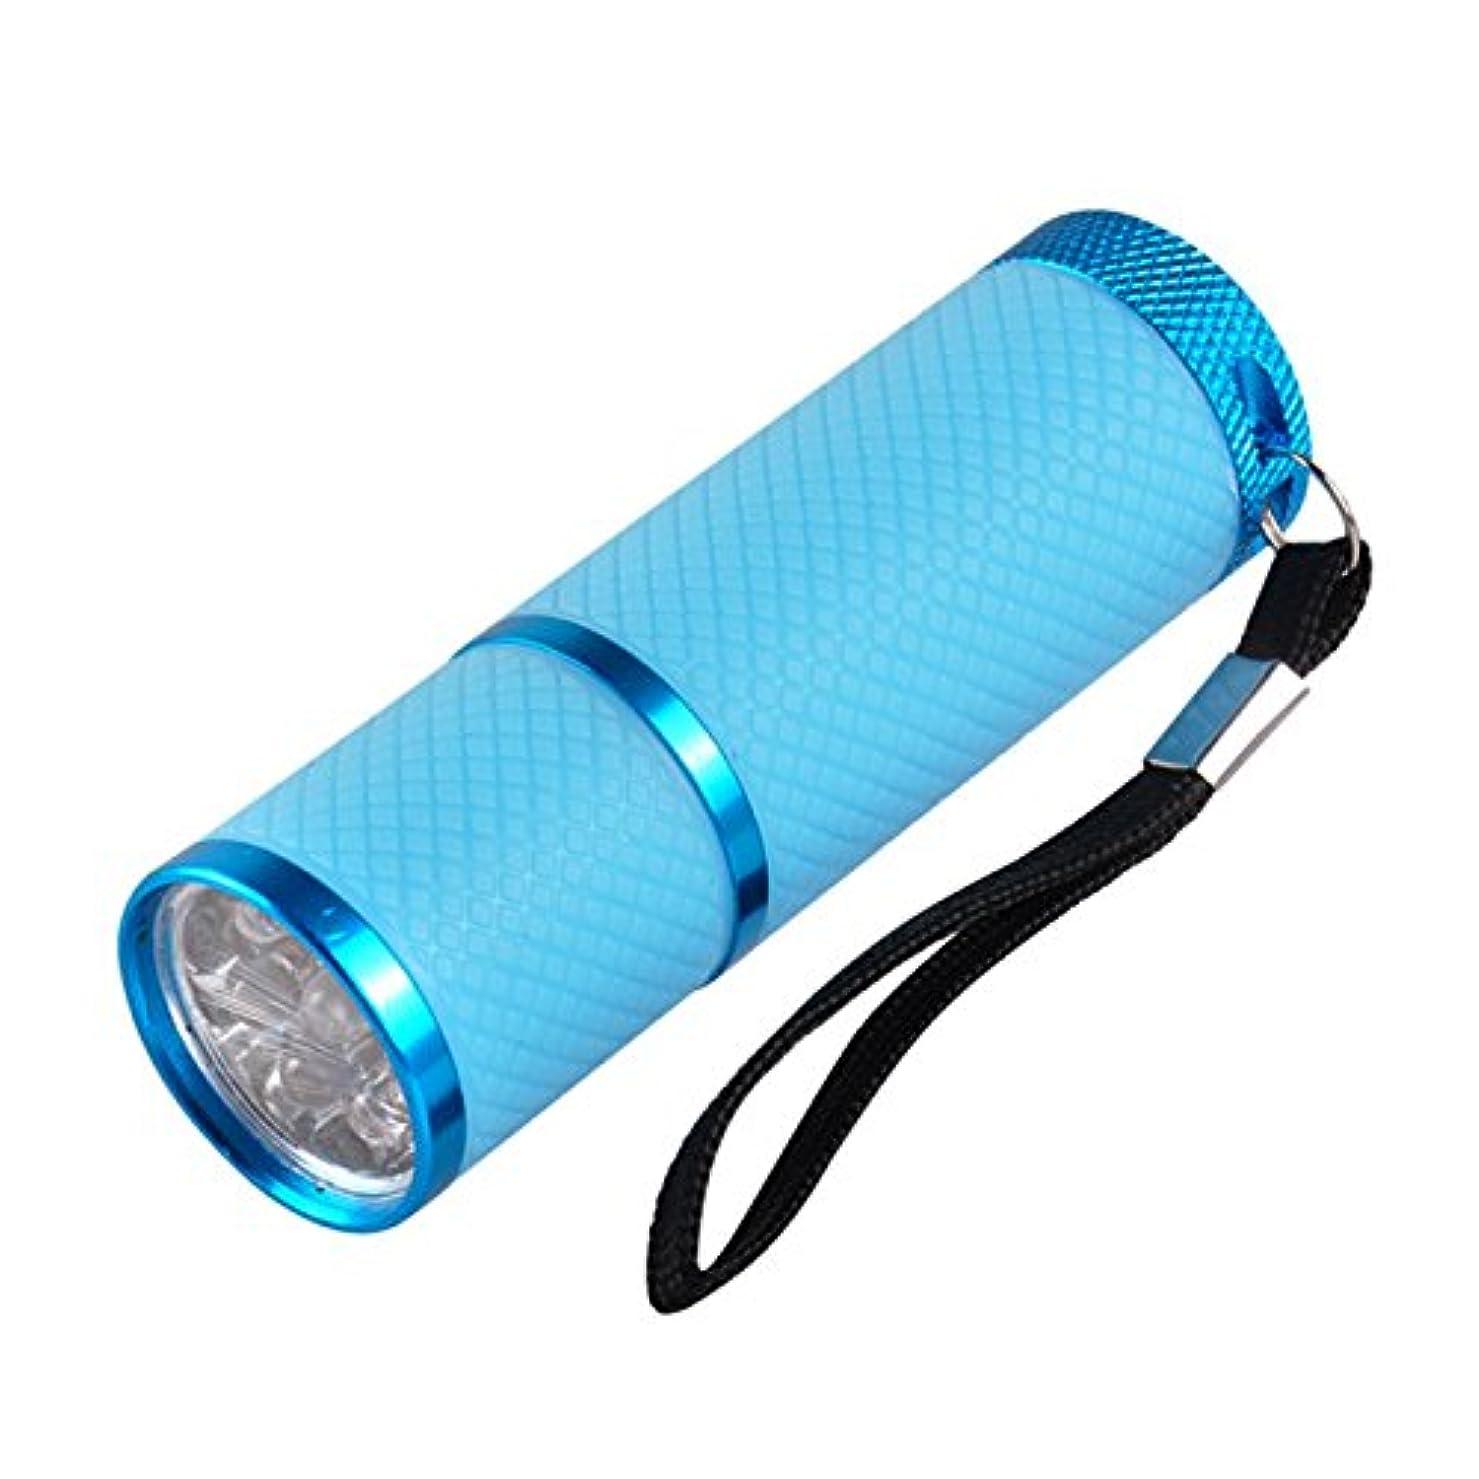 アーティファクトジャズ比喩ネイル?レジンクラフト LED UVライト ブルー BY-NL550 ネコポス発送 送料無料